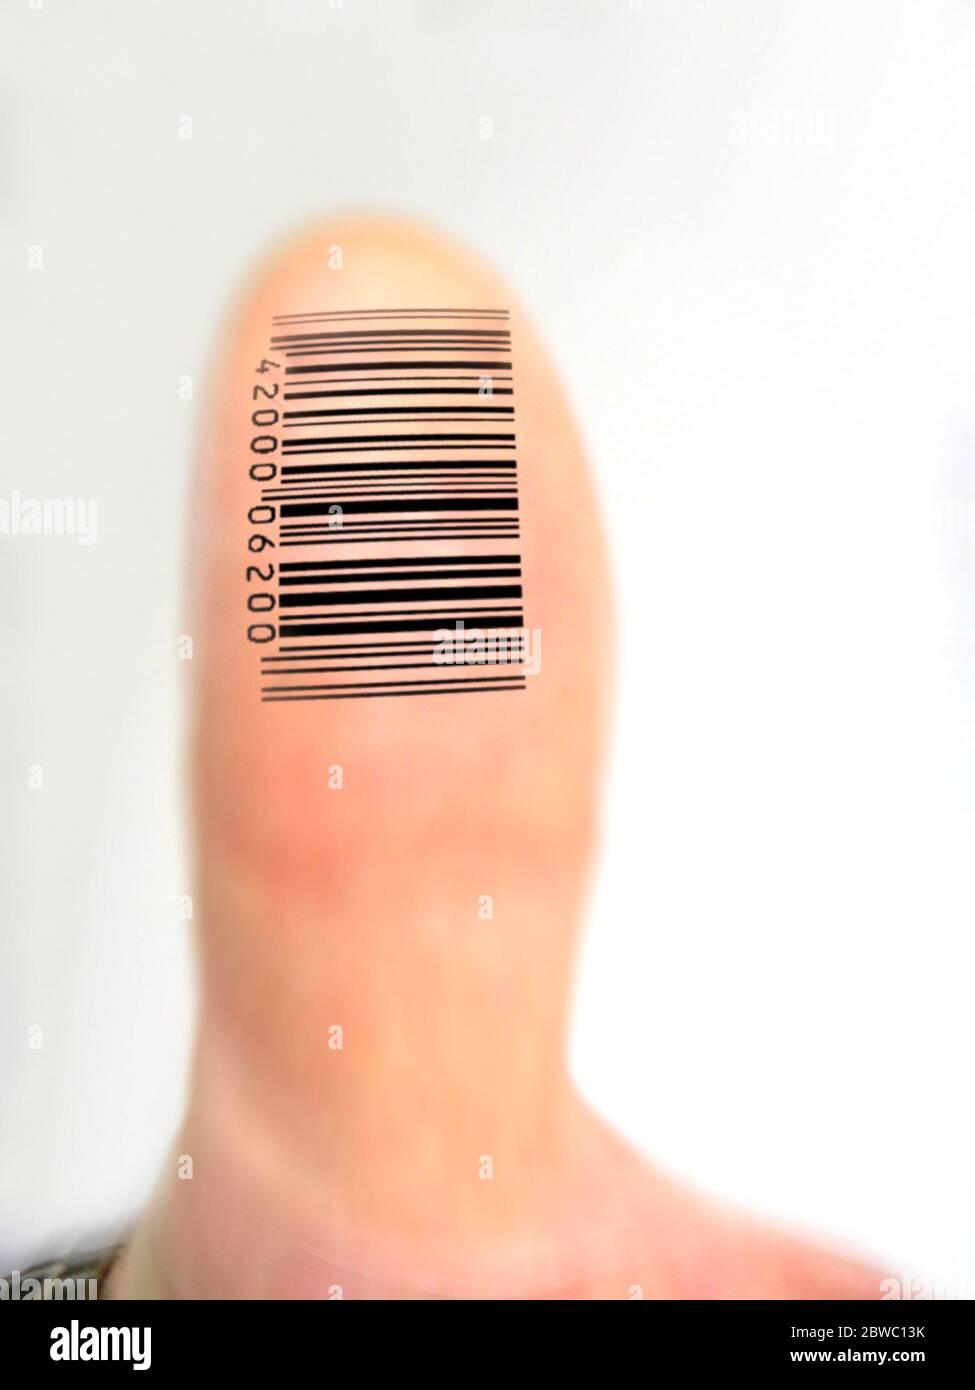 DigitalFingerabdruck, Daumen, Foto de stock